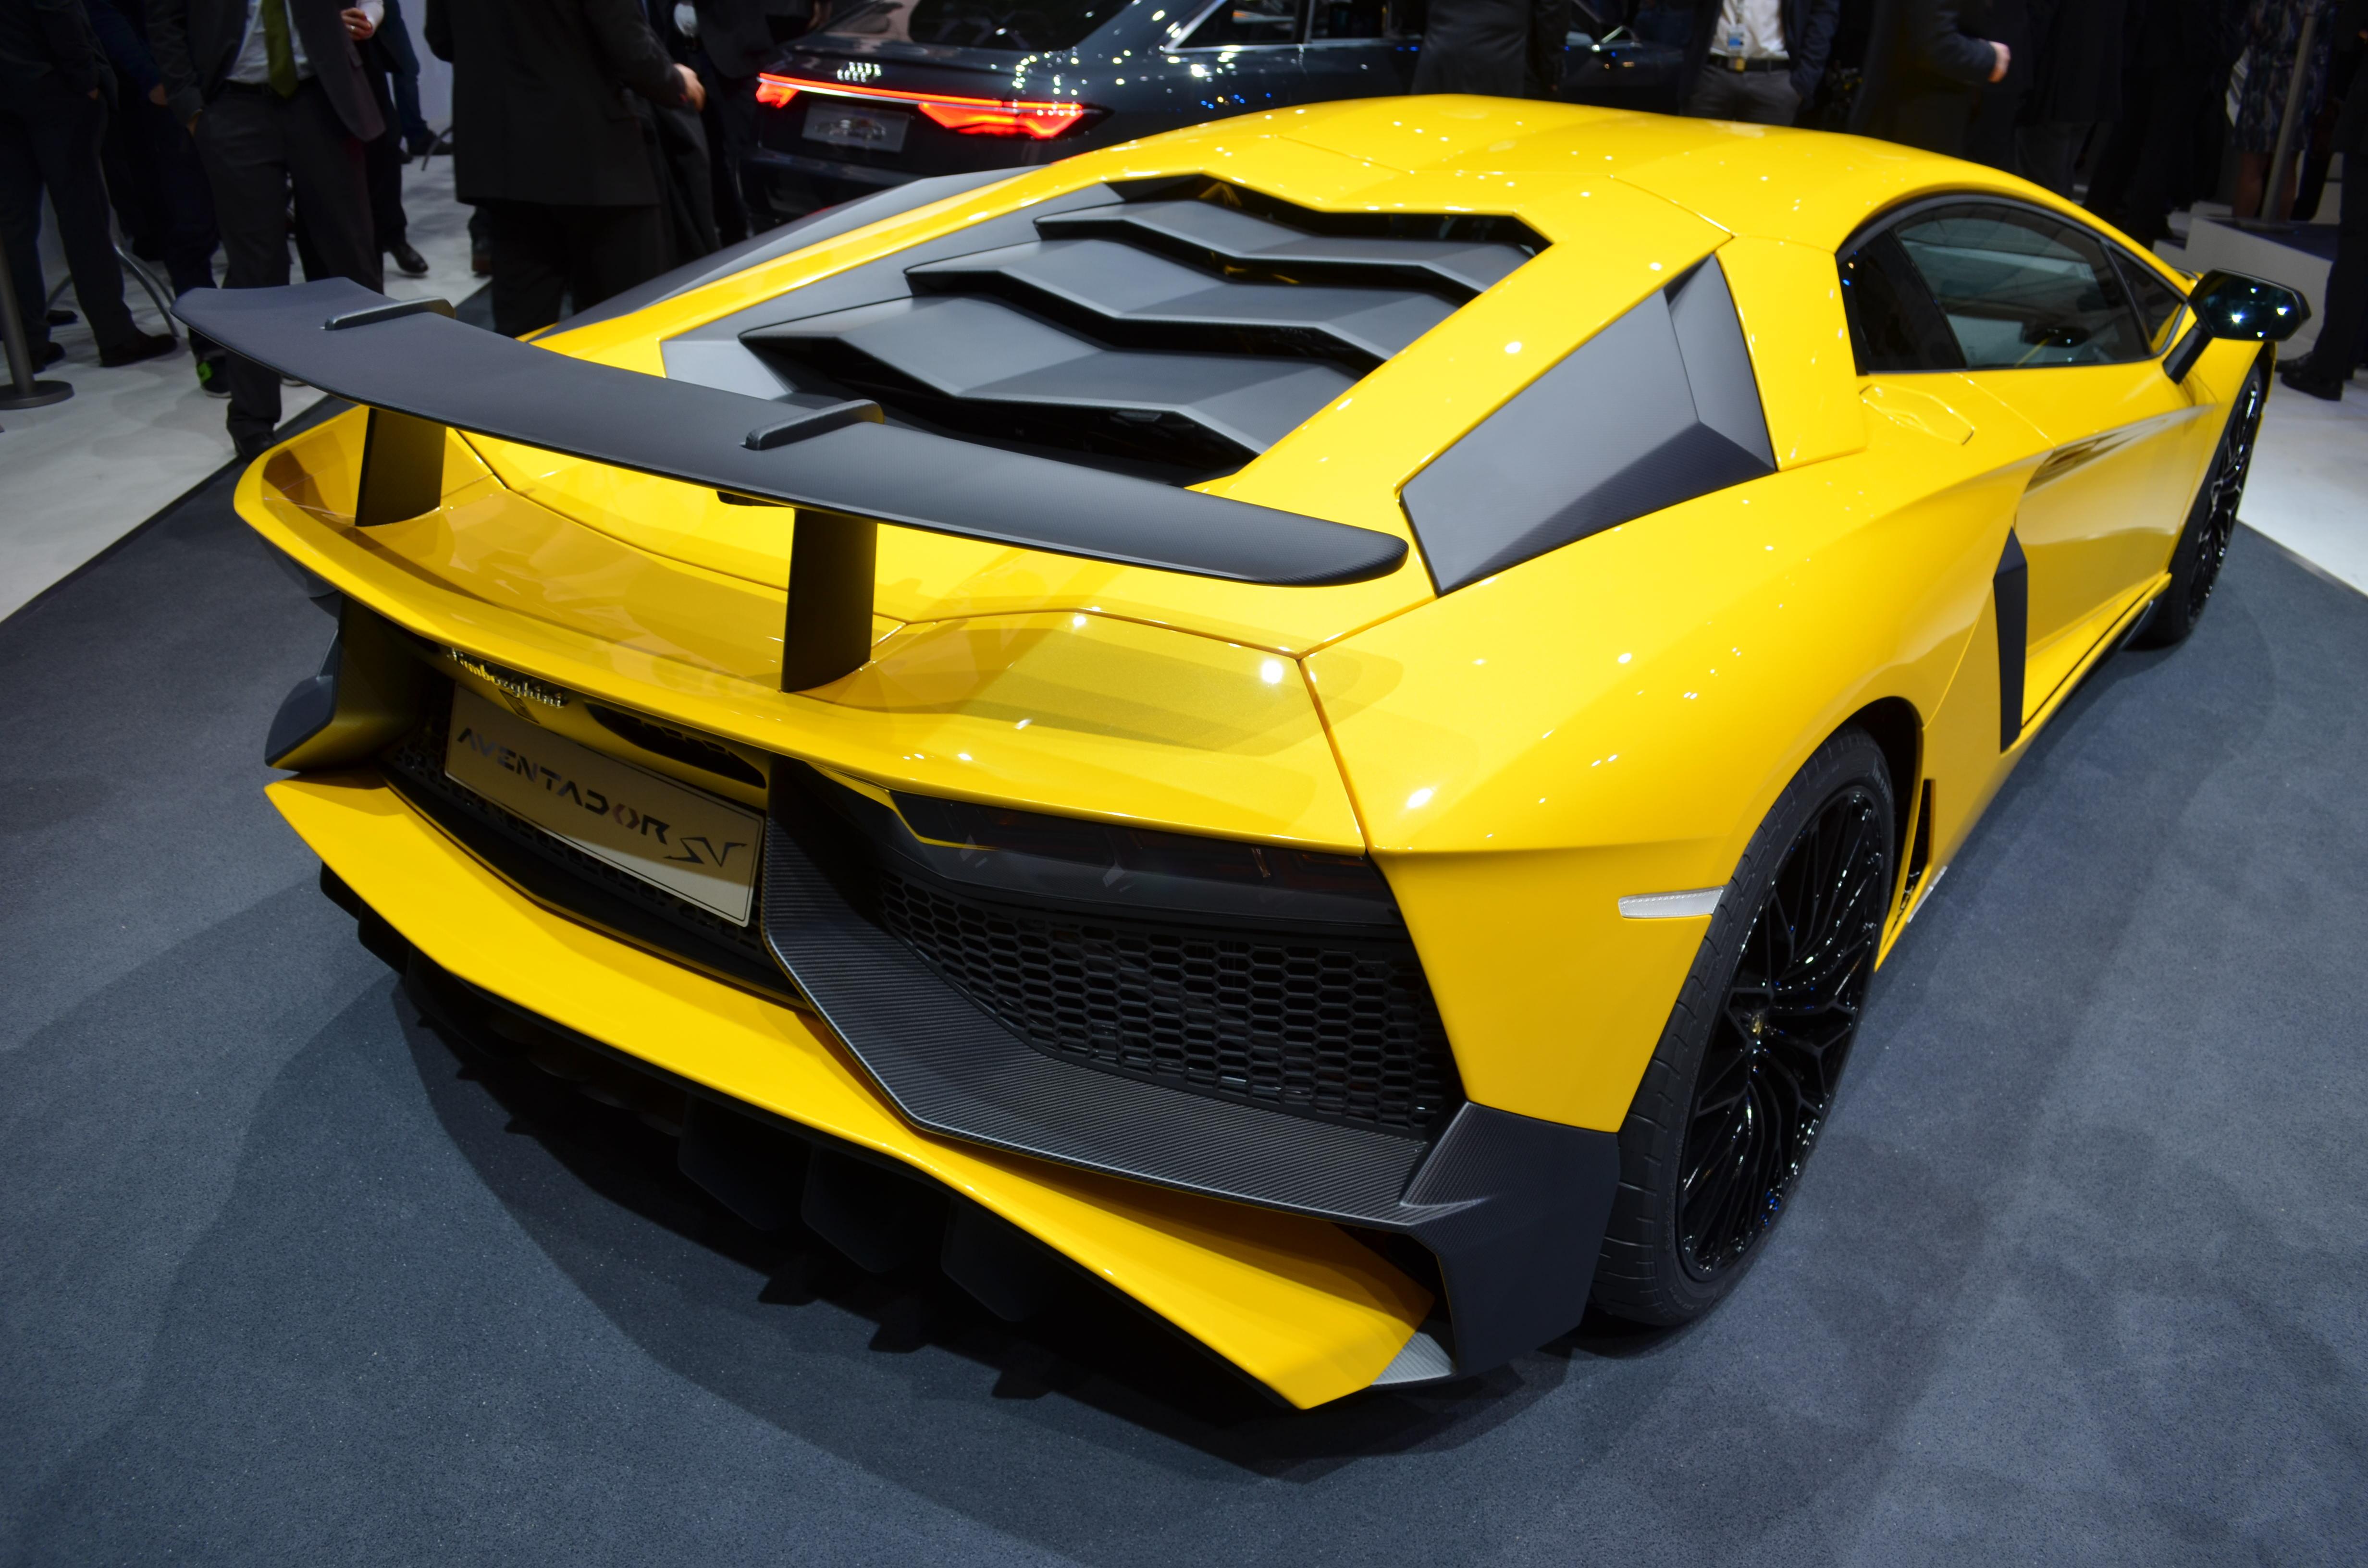 Lamborghini-Aventador-SV-8